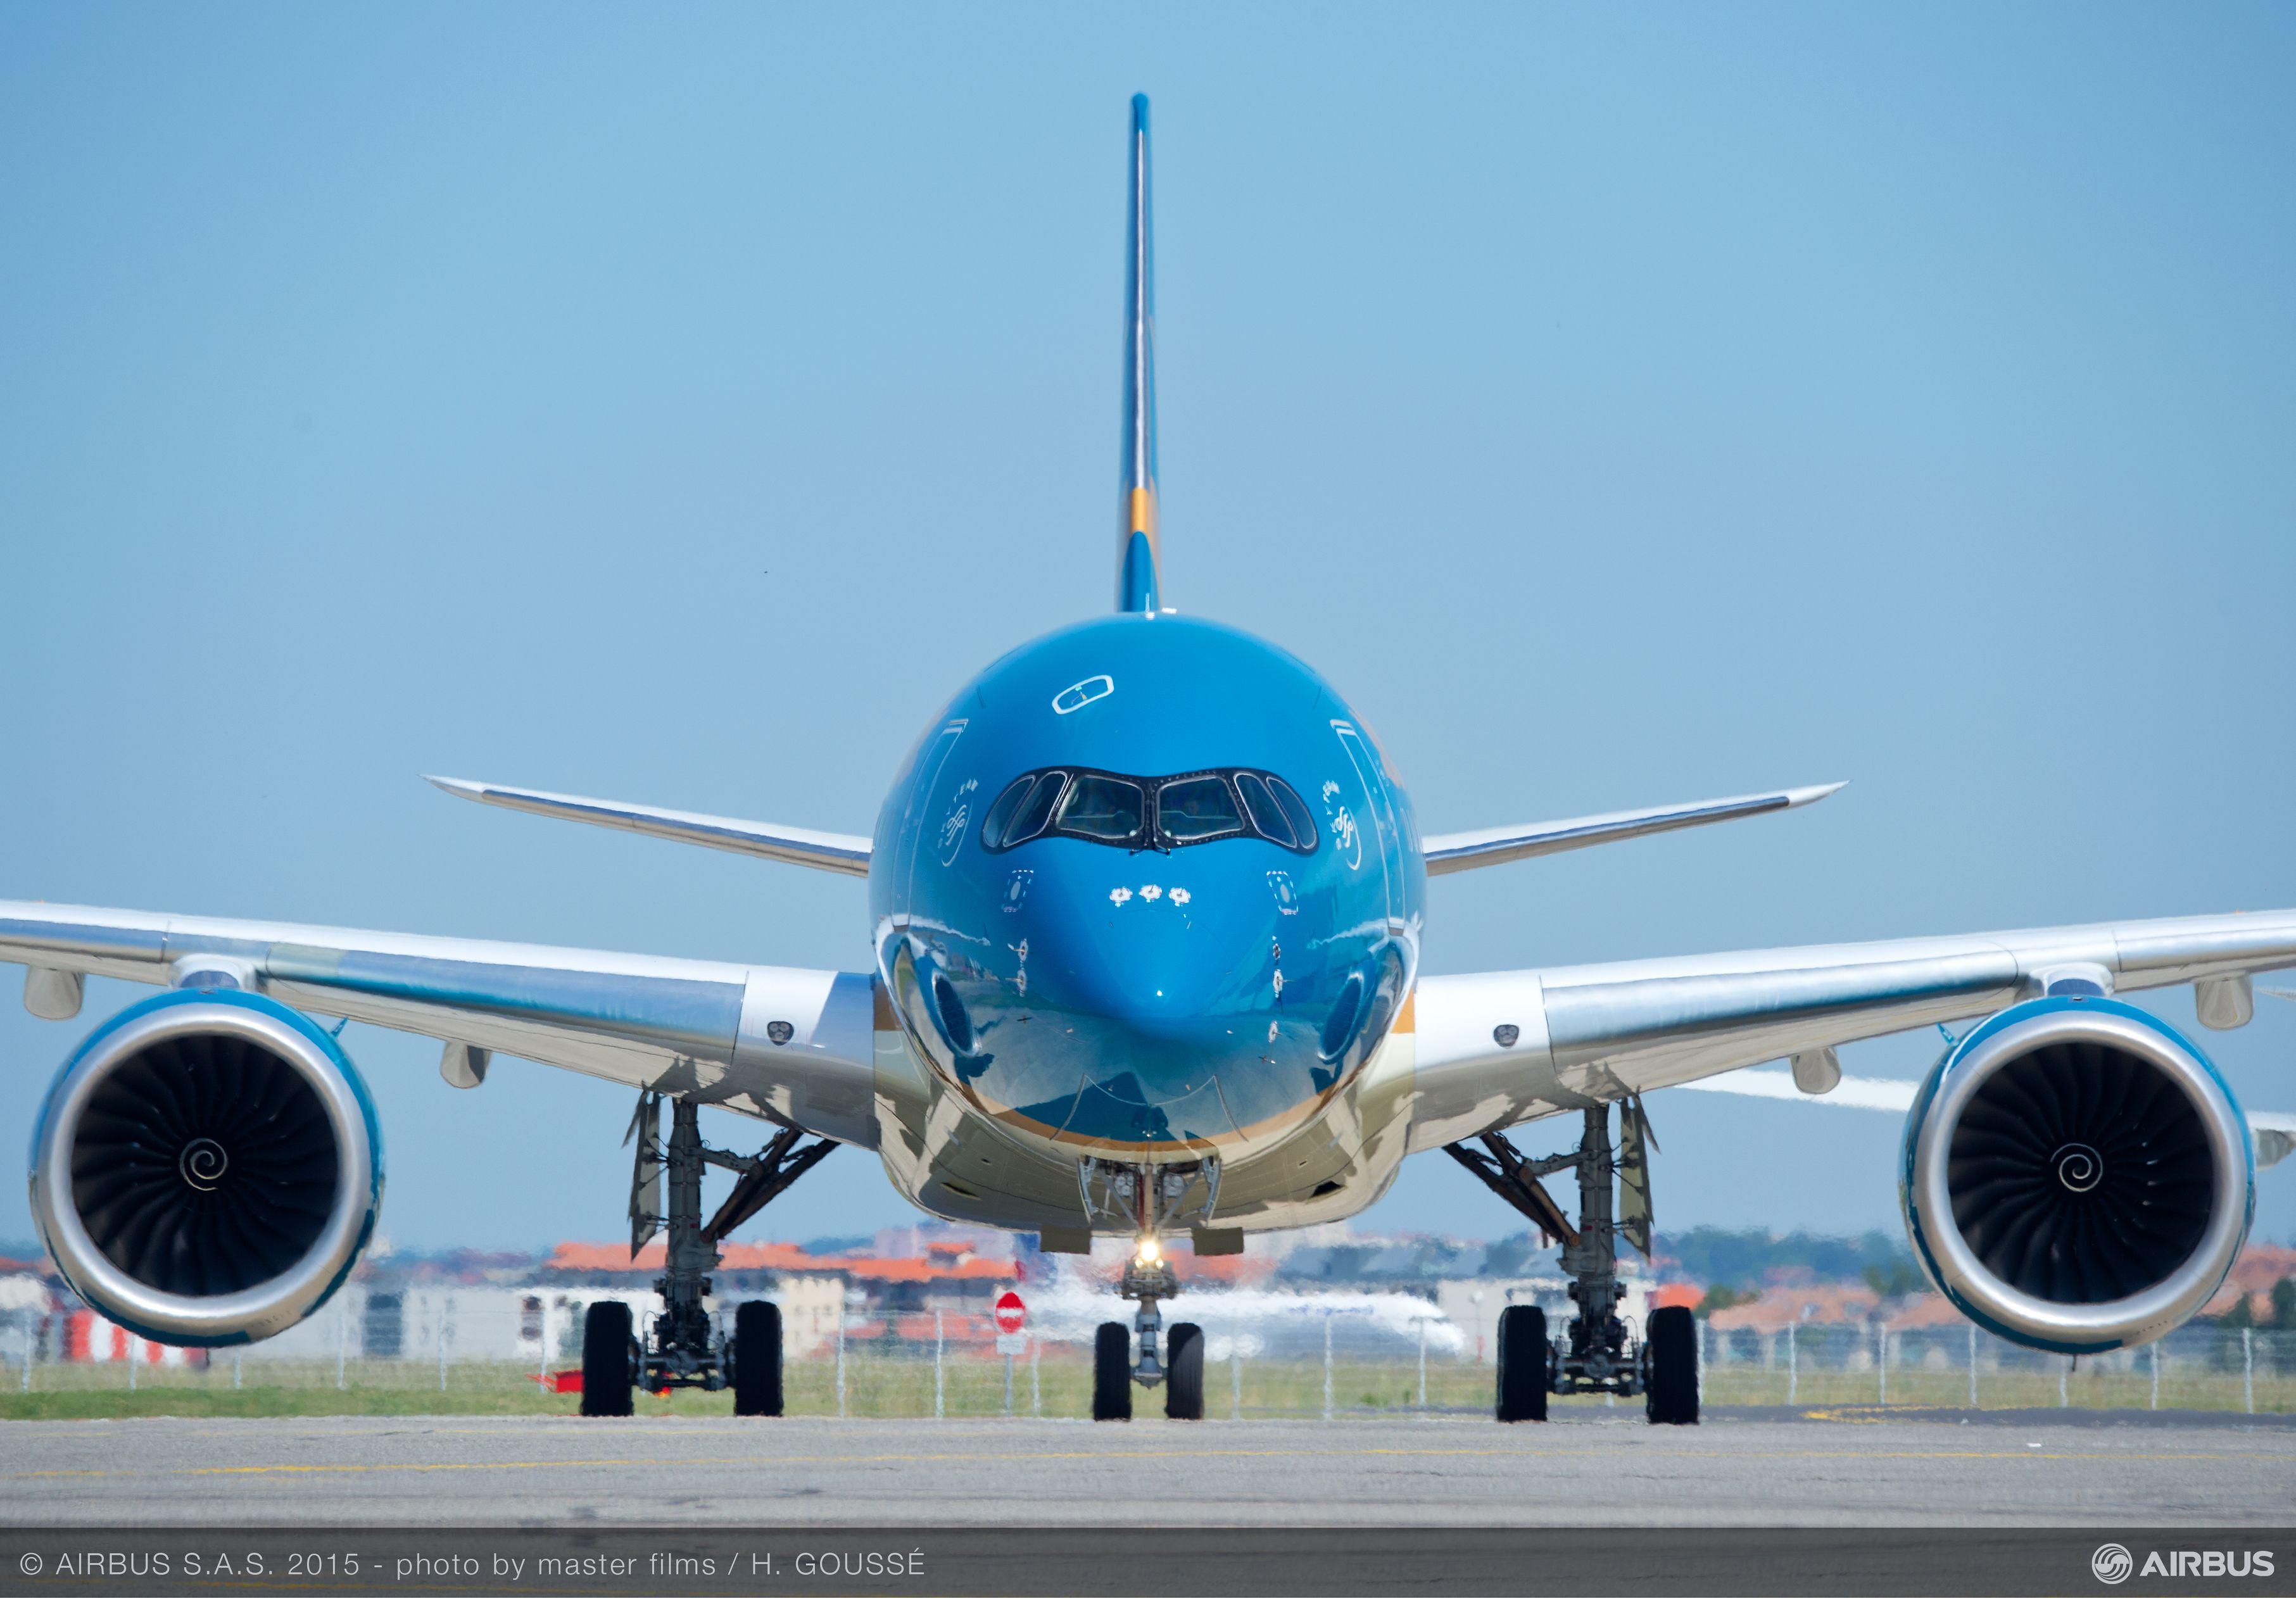 タイ国際航空、企業再生へタイムライン公表 路線の廃止や機材削減も